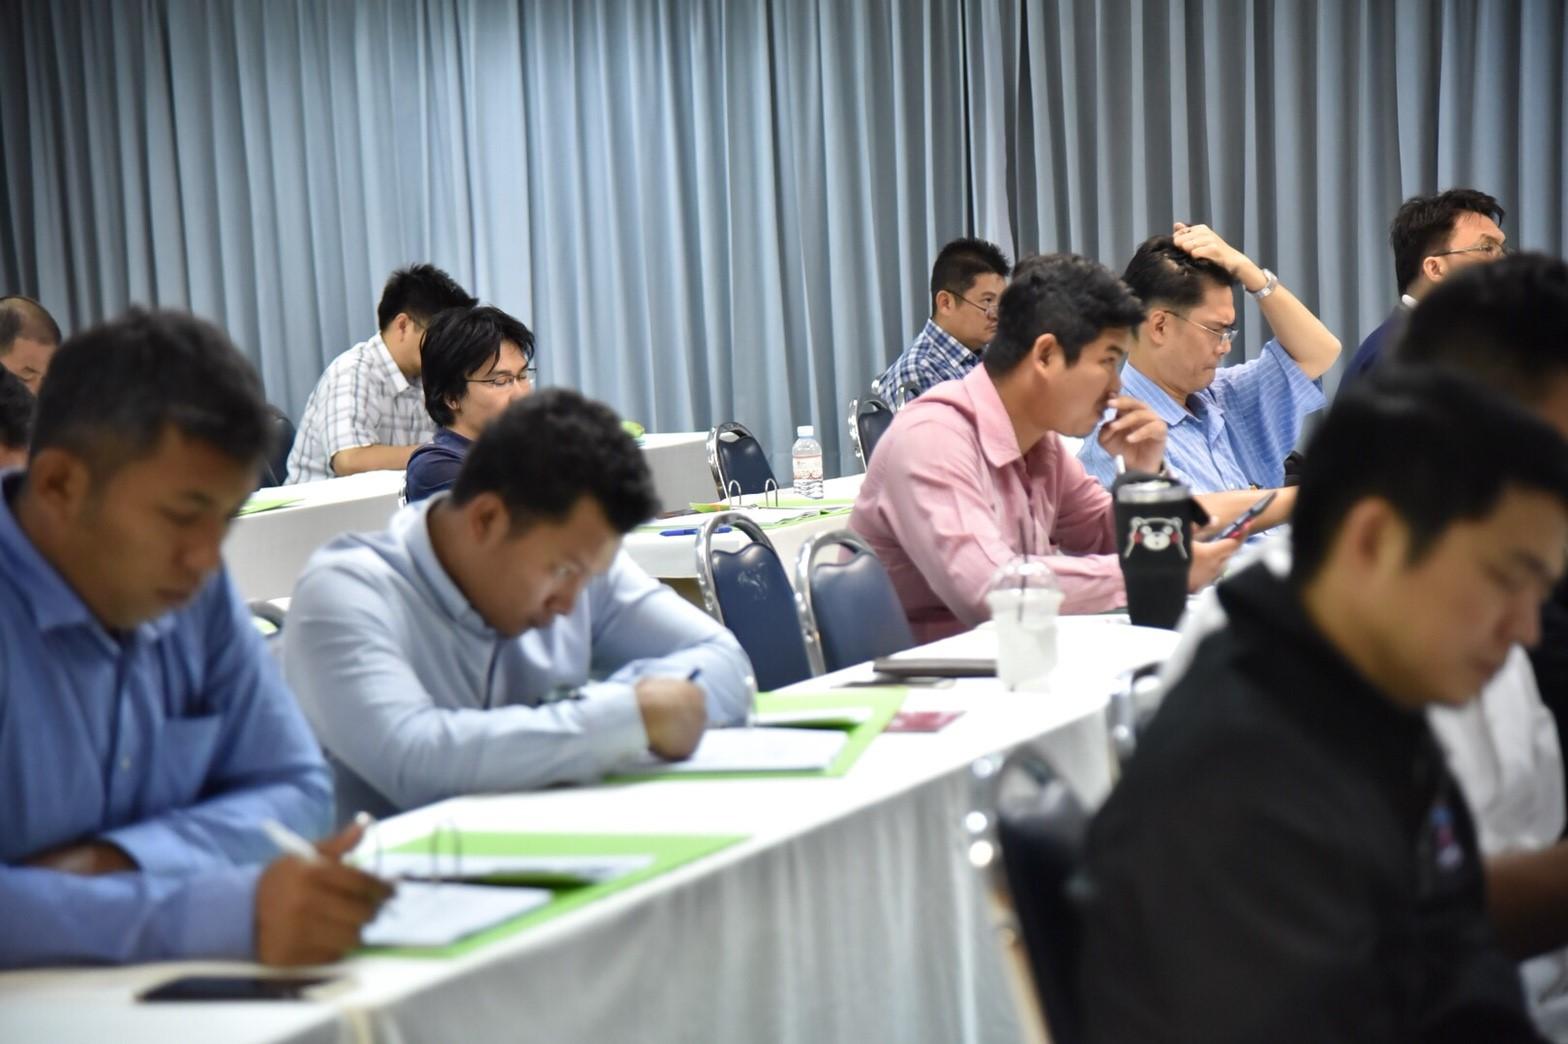 โครงการอบรมศึกษาดูงานและสอบ   วิศวกรรมโครงสร้างทางรถไฟ ขั้นพื้นฐาน  (Fundamental of Railway Track Engineering) วันเสาร์ที่ 3,10,17,27 กุมภาพันธ์ 2561